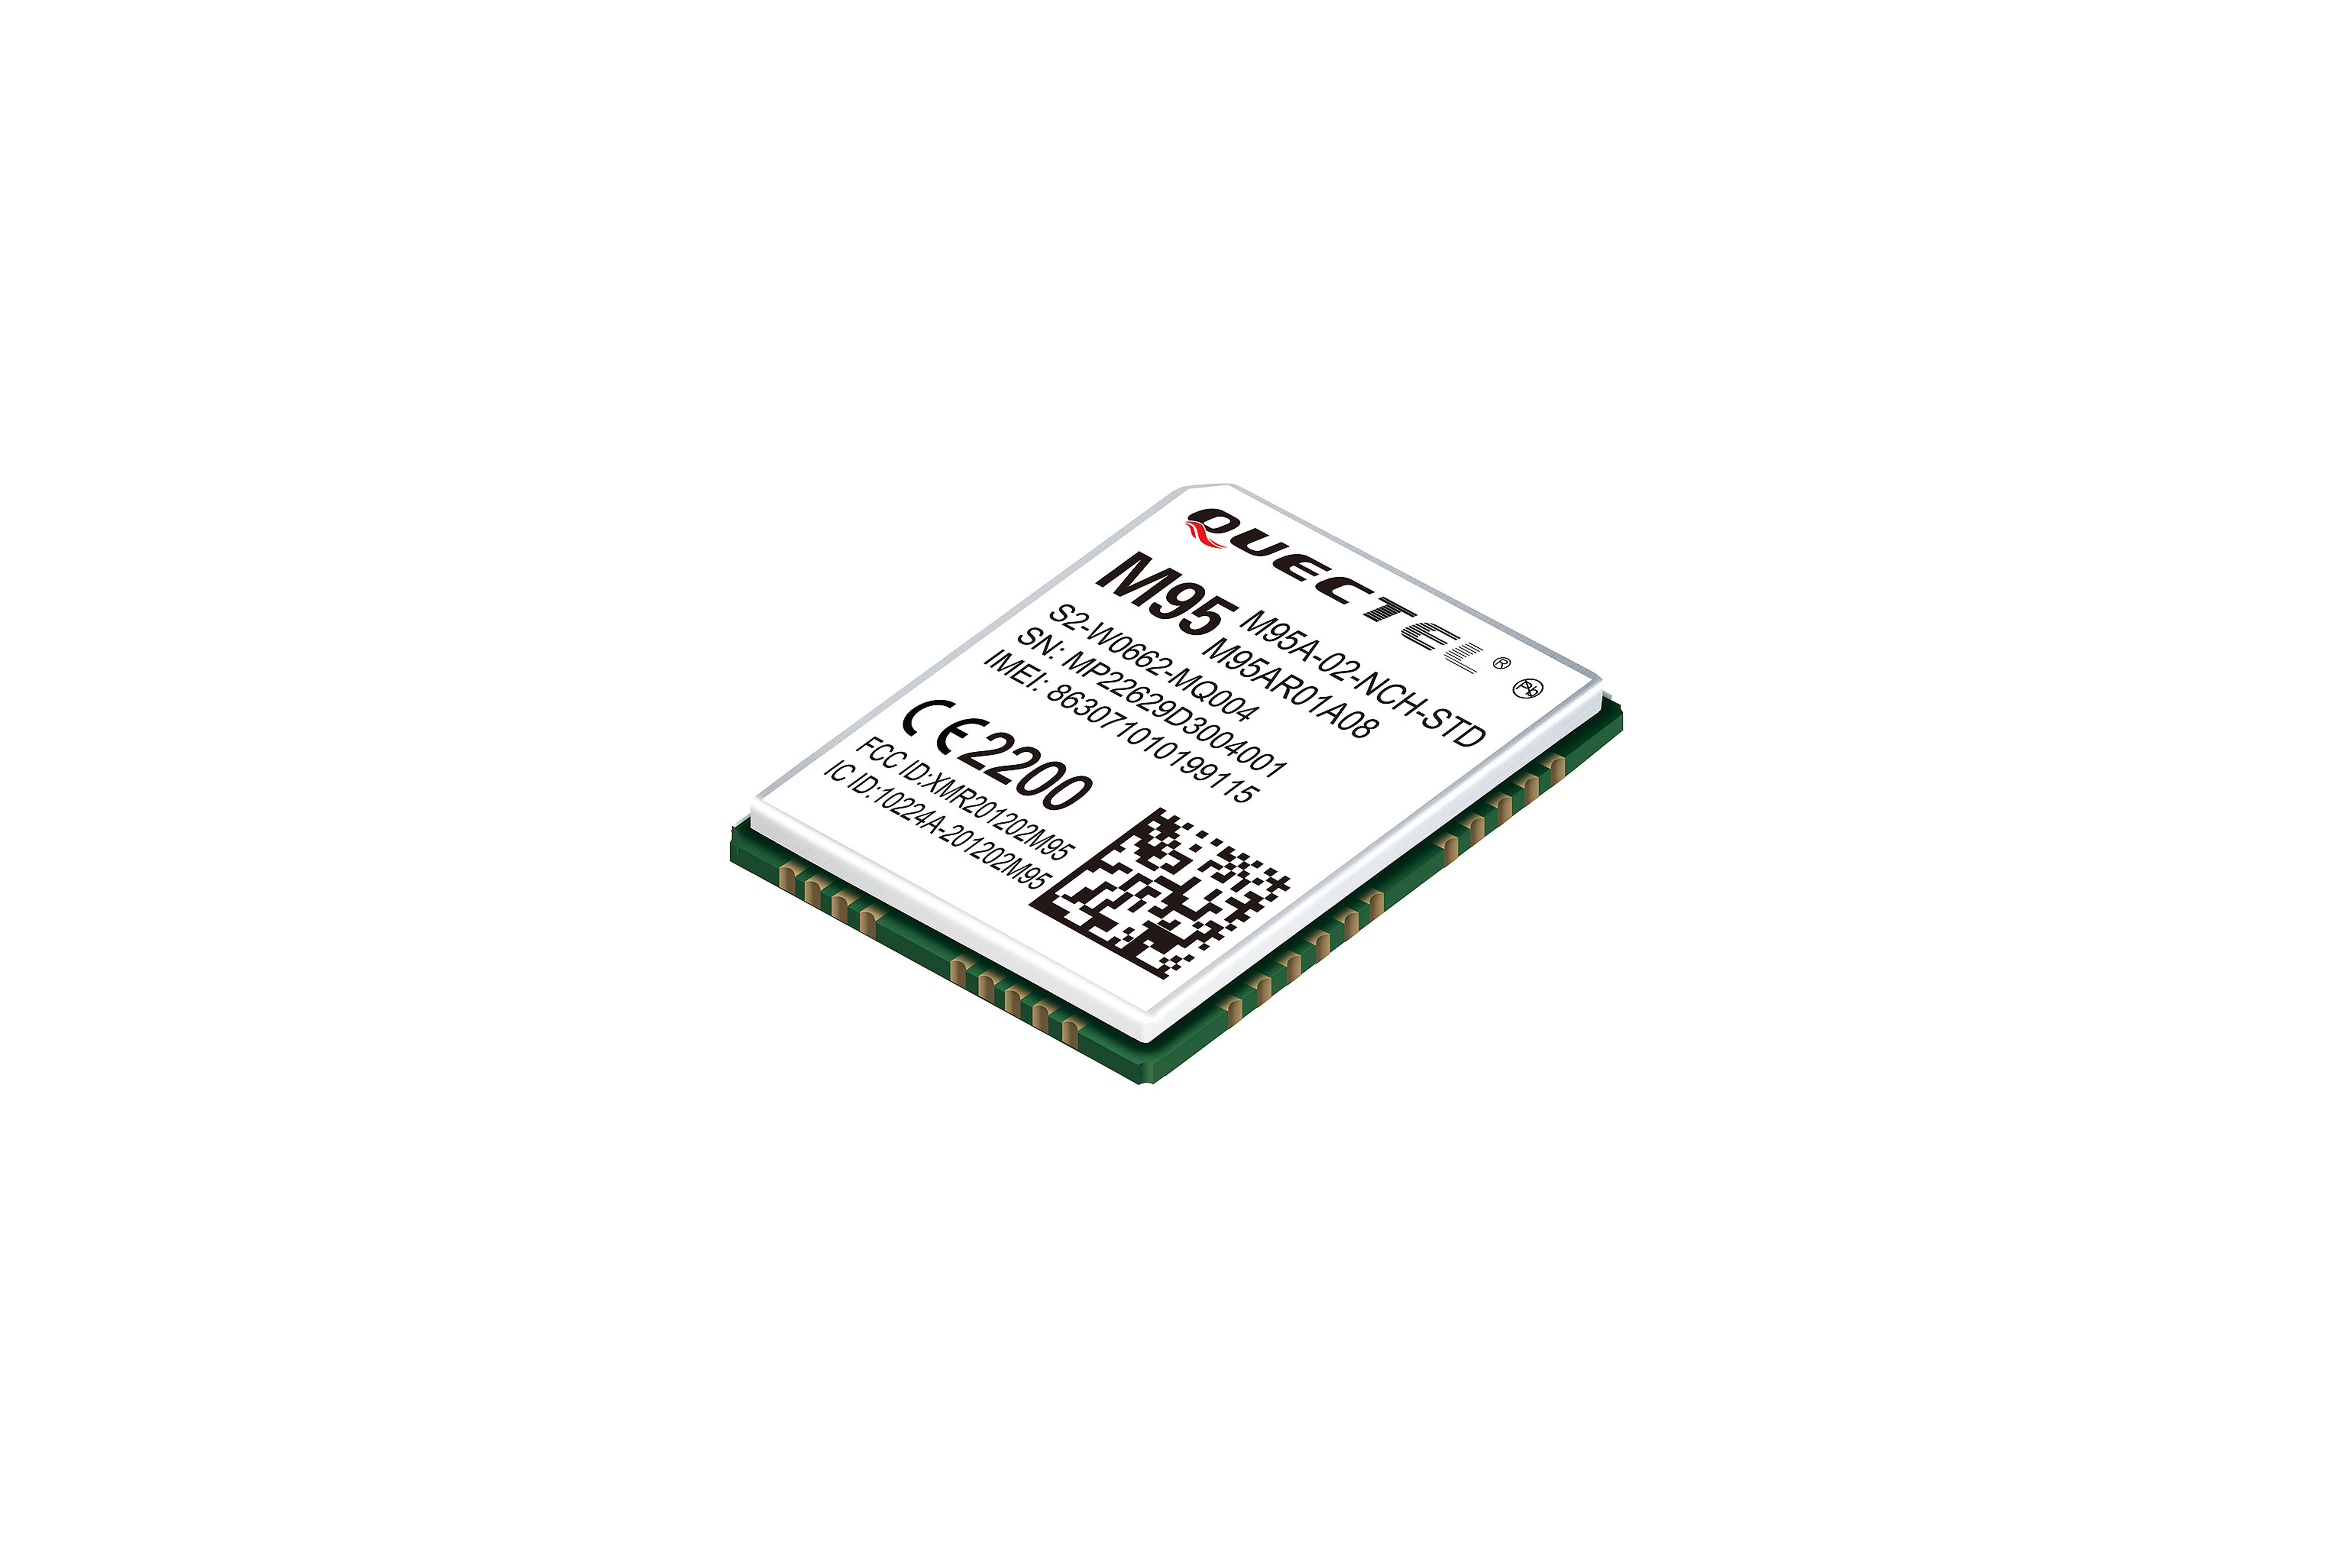 Quadband GSM 2G Modem-Modul - Paket mit 1 Stk.